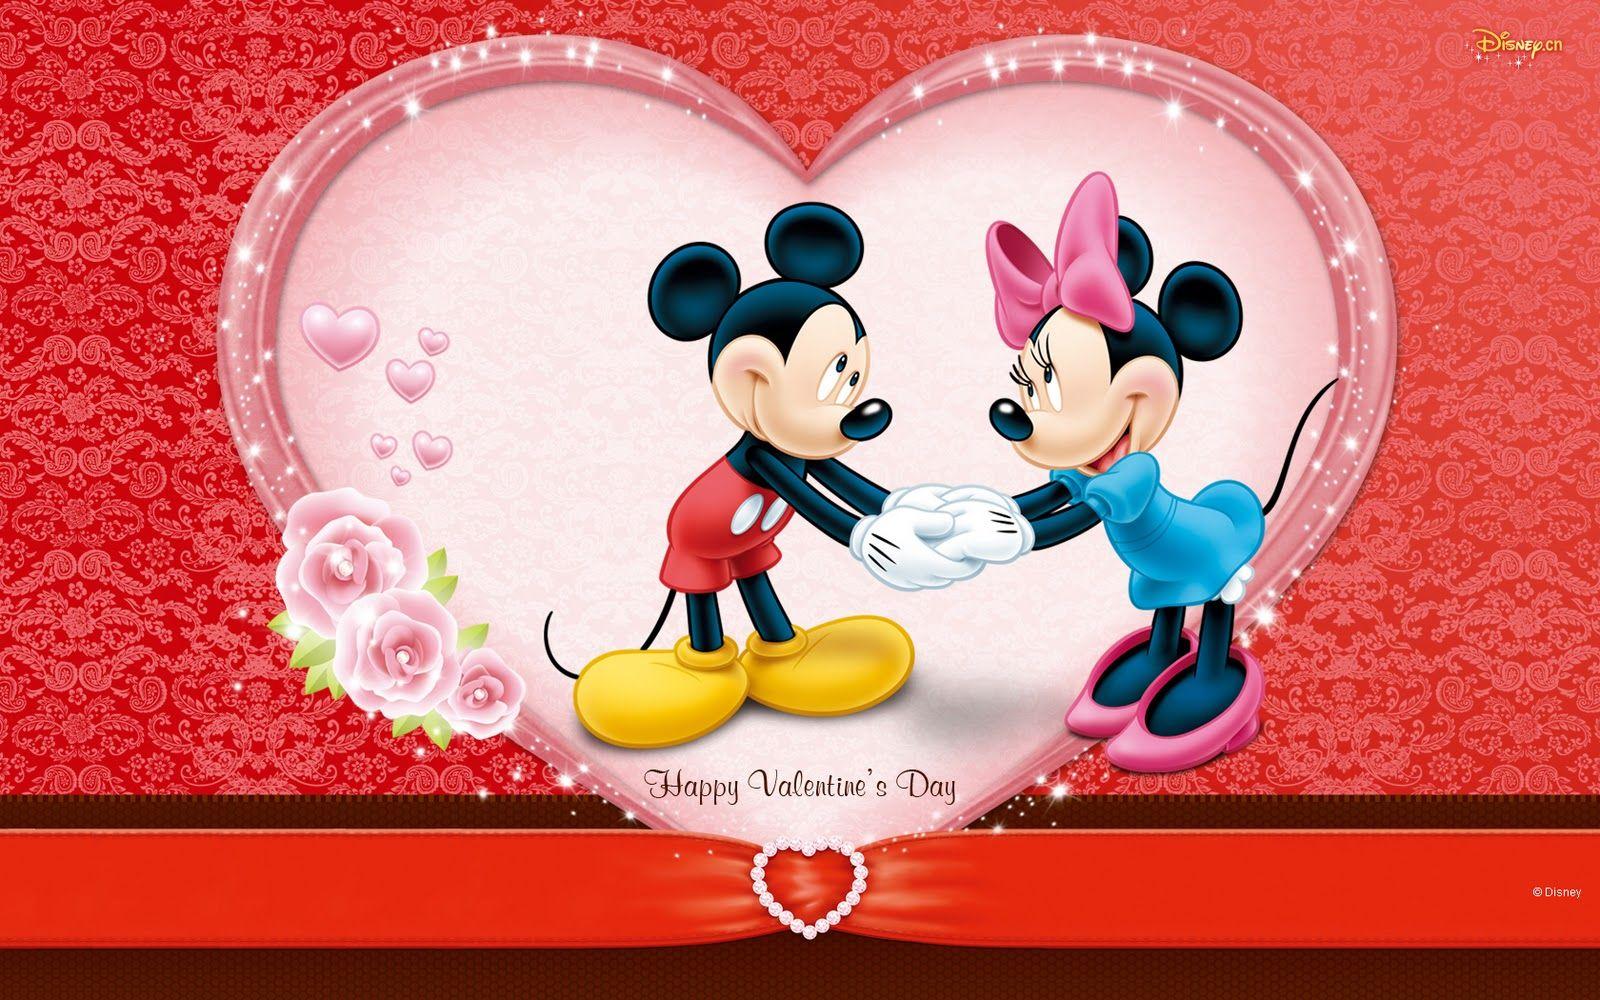 Disney Valentines Day Wallpaper Top 10 Valentines Day Desktop 1600x1000